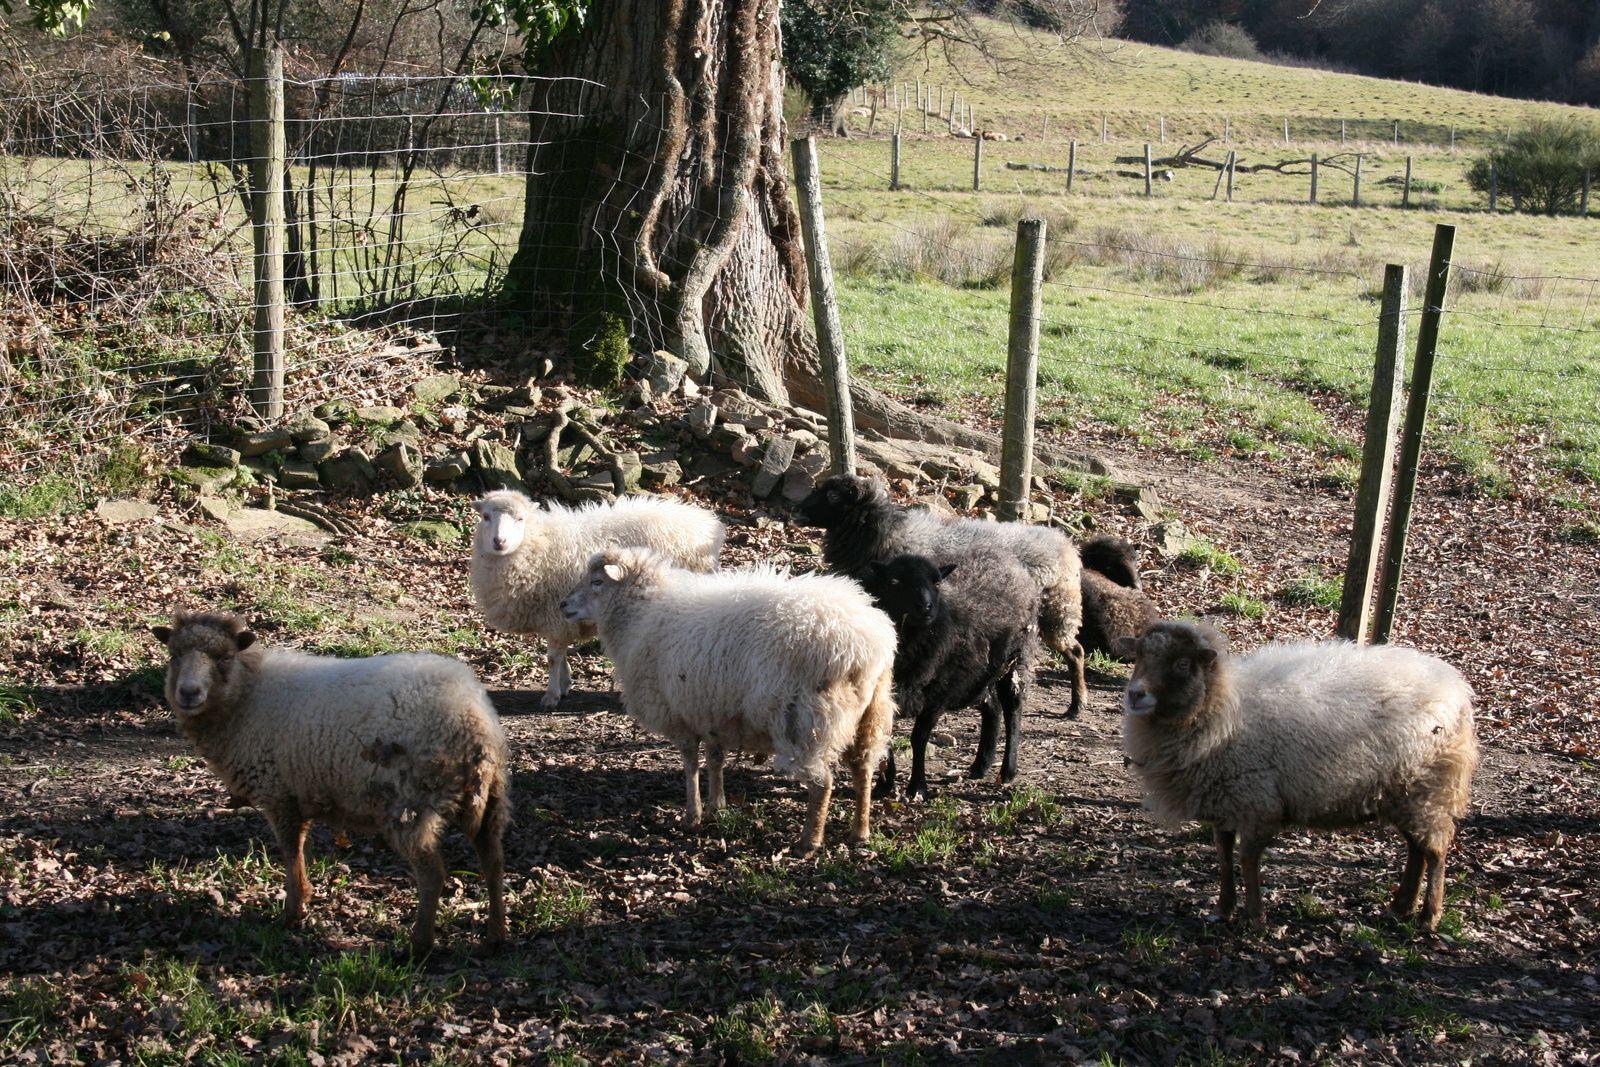 Les filles célibataires se languissent surtout de ne pouvoir vivre l'ambiance du troupeau réuni. Encore quelques mois de patience!